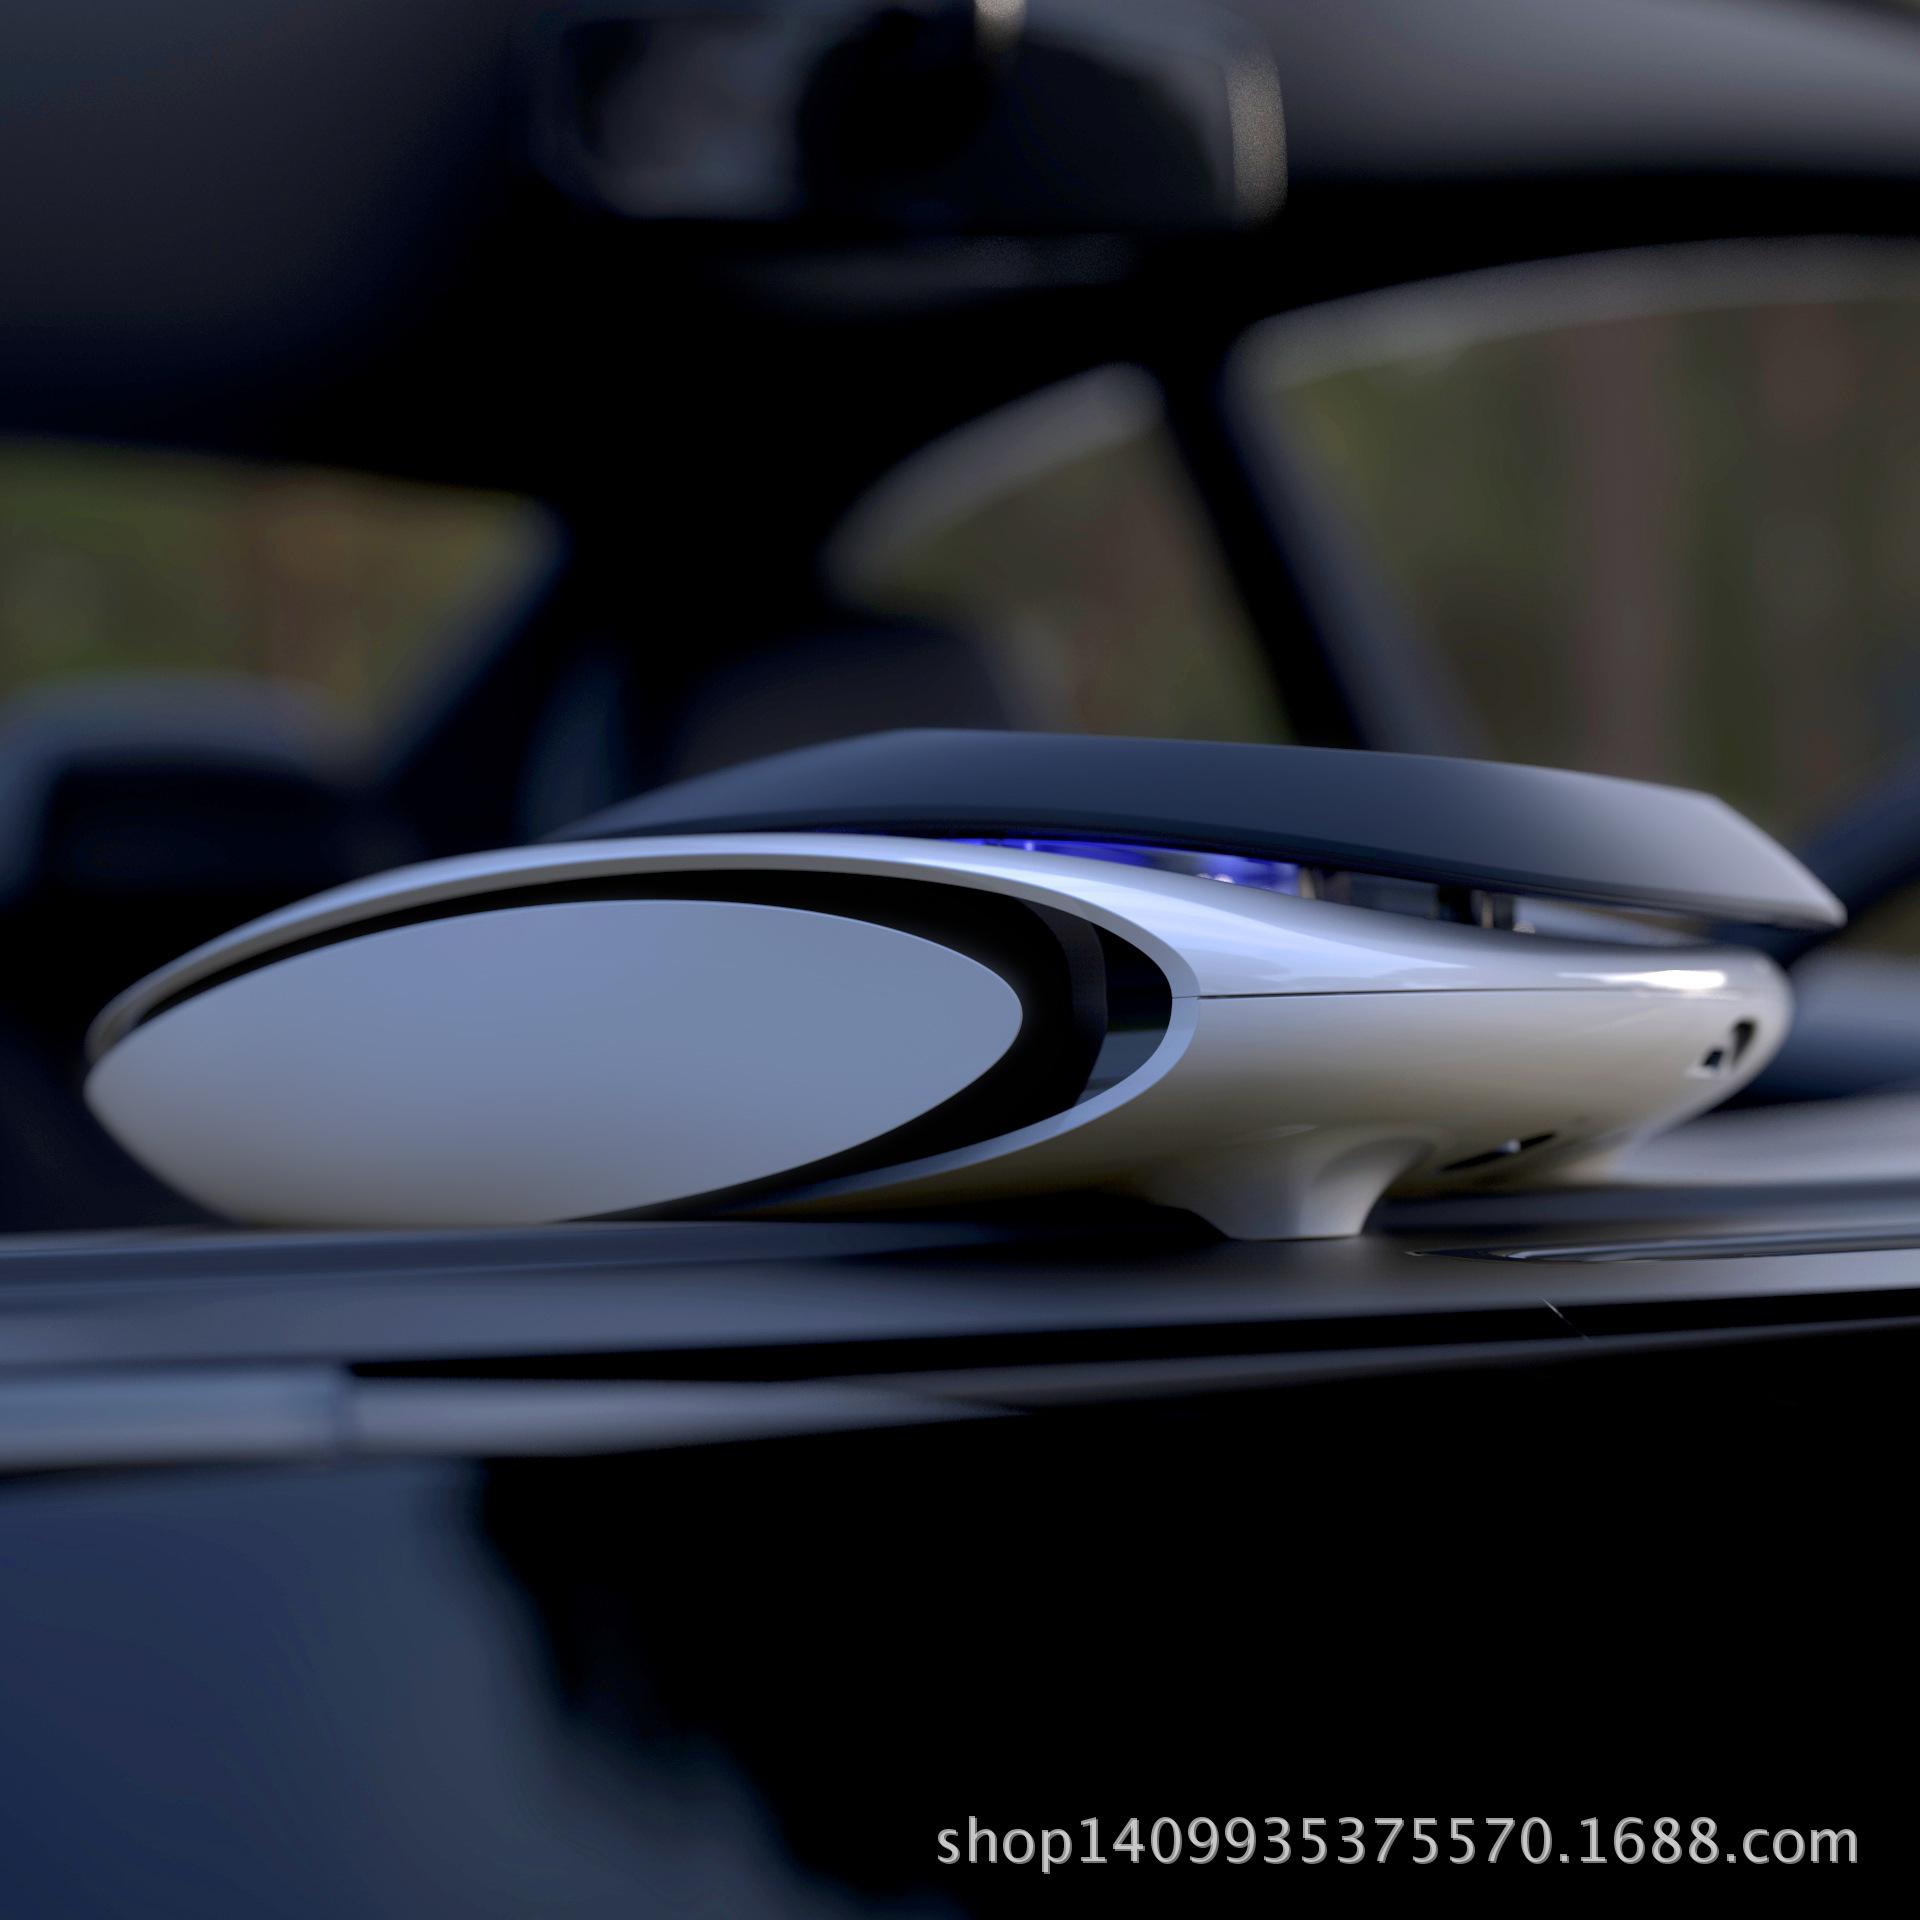 [元素部落阁车用氧吧,空气净化器]汽车用品太阳能车载空气净化器汽车香水月销量0件仅售206.59元